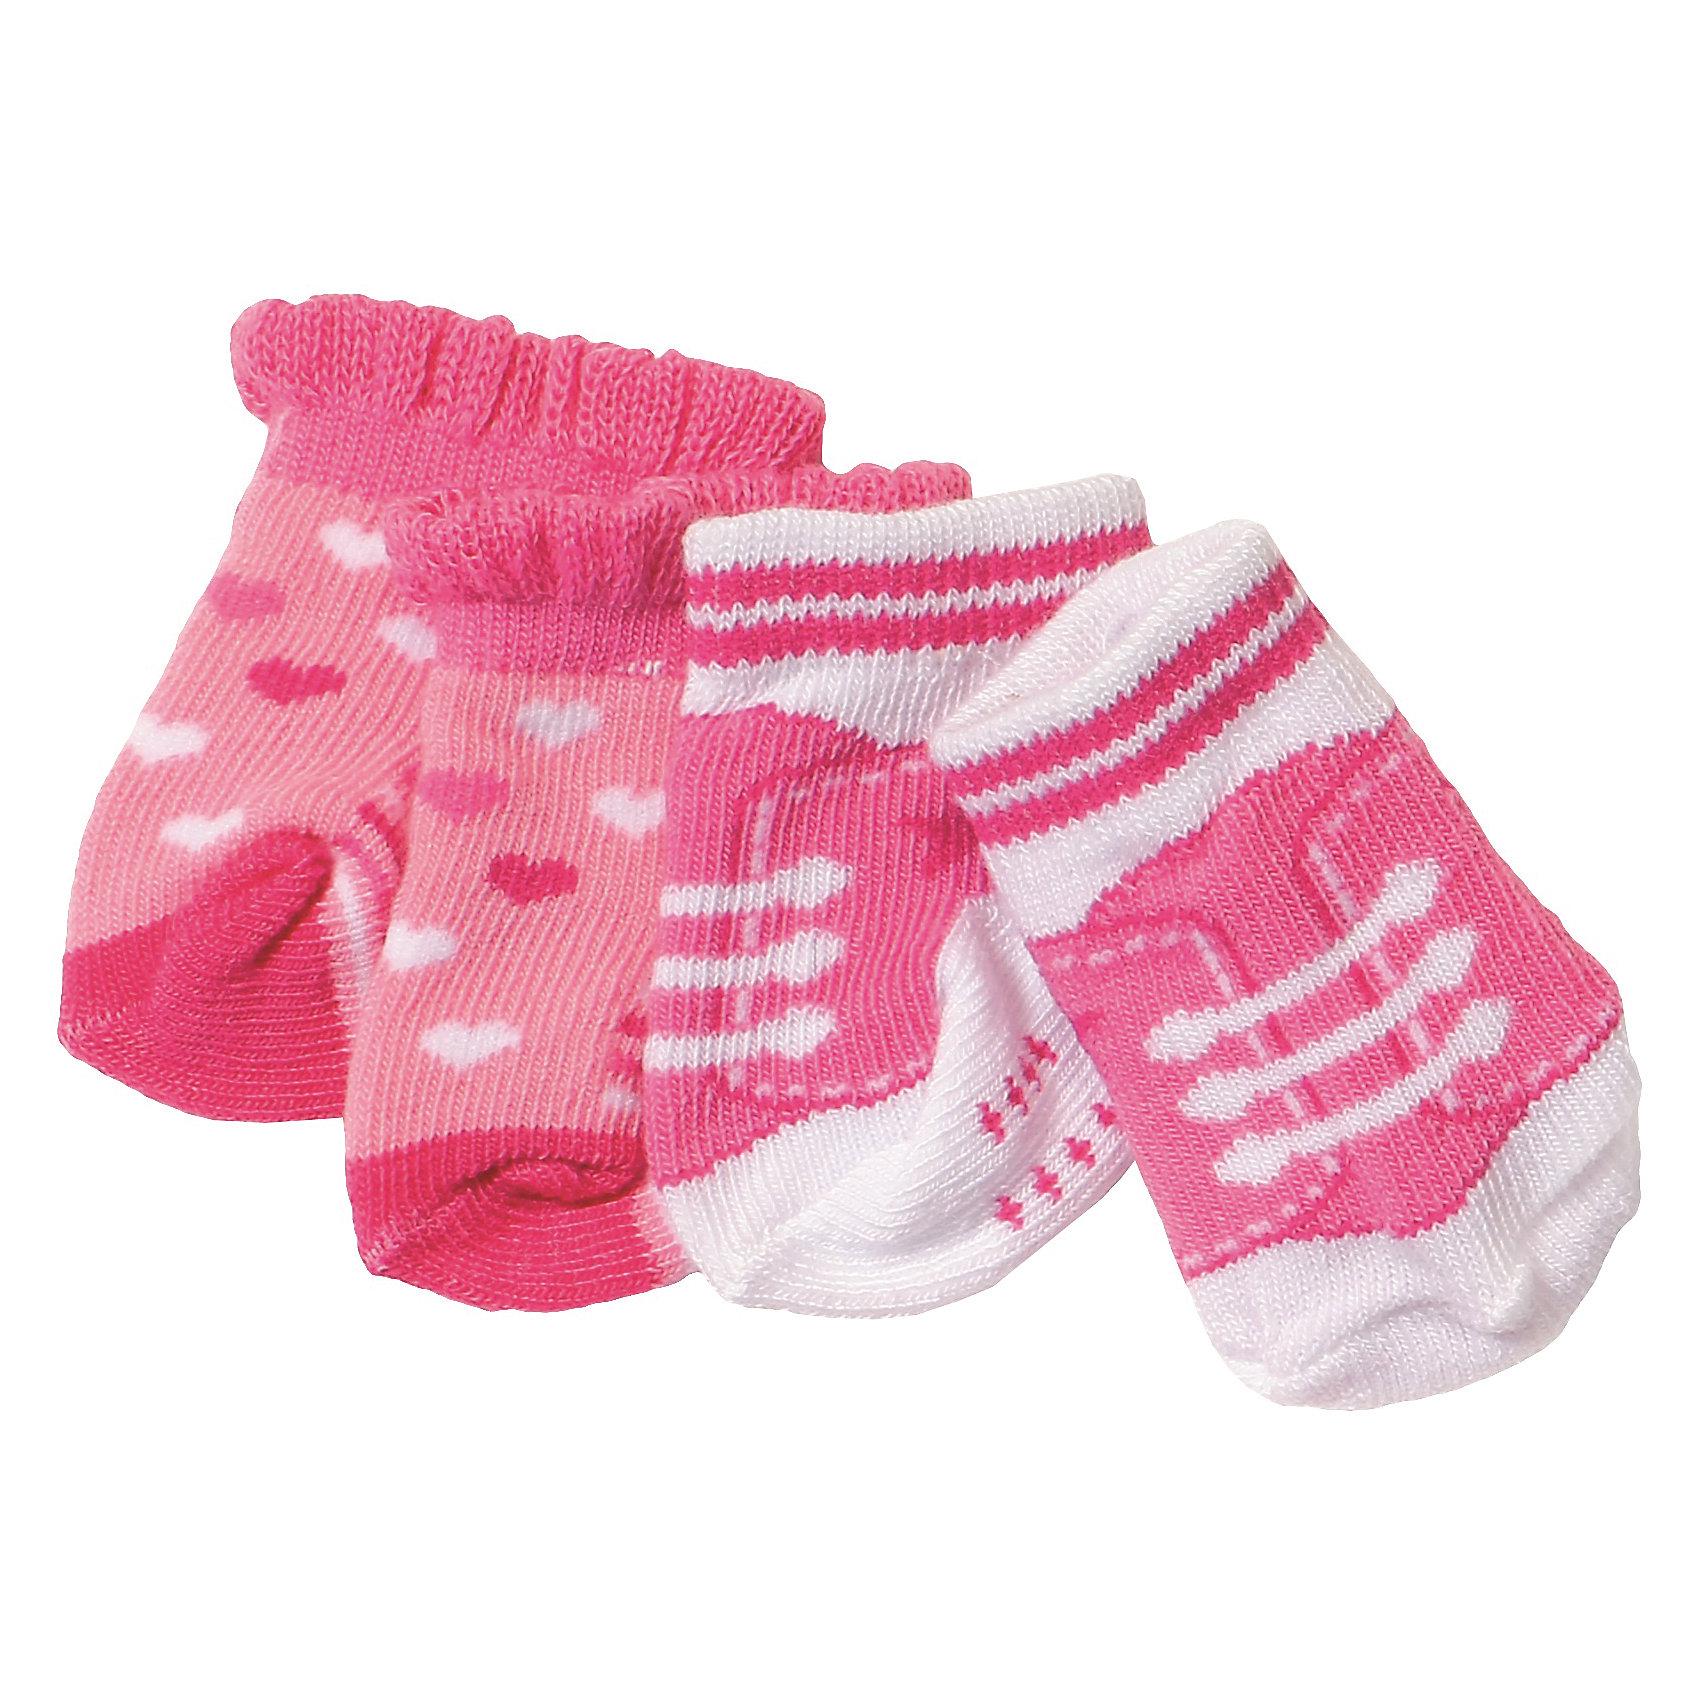 Носочки, 2 пары, BABY bornКукольная одежда и аксессуары<br>Характеристики товара:<br><br>• возраст: от 3 лет;<br>• материал: текстиль;<br>• в комплекте: 2 пары носочков;<br>• размер упаковки: 14х12х1 см;<br>• вес упаковки: 15 гр.;<br>• страна производитель: Китай.<br><br>Носочки 2 пары Baby Born дополнят гардероб любимой куколки Baby Born и согреют ее в прохладное время. Носочки выполнены из качественного мягкого материала.<br><br>Носочки 2 пары Baby Born можно приобрести в нашем интернет-магазине.<br><br>Ширина мм: 120<br>Глубина мм: 10<br>Высота мм: 140<br>Вес г: 34<br>Возраст от месяцев: 36<br>Возраст до месяцев: 60<br>Пол: Женский<br>Возраст: Детский<br>SKU: 6835378